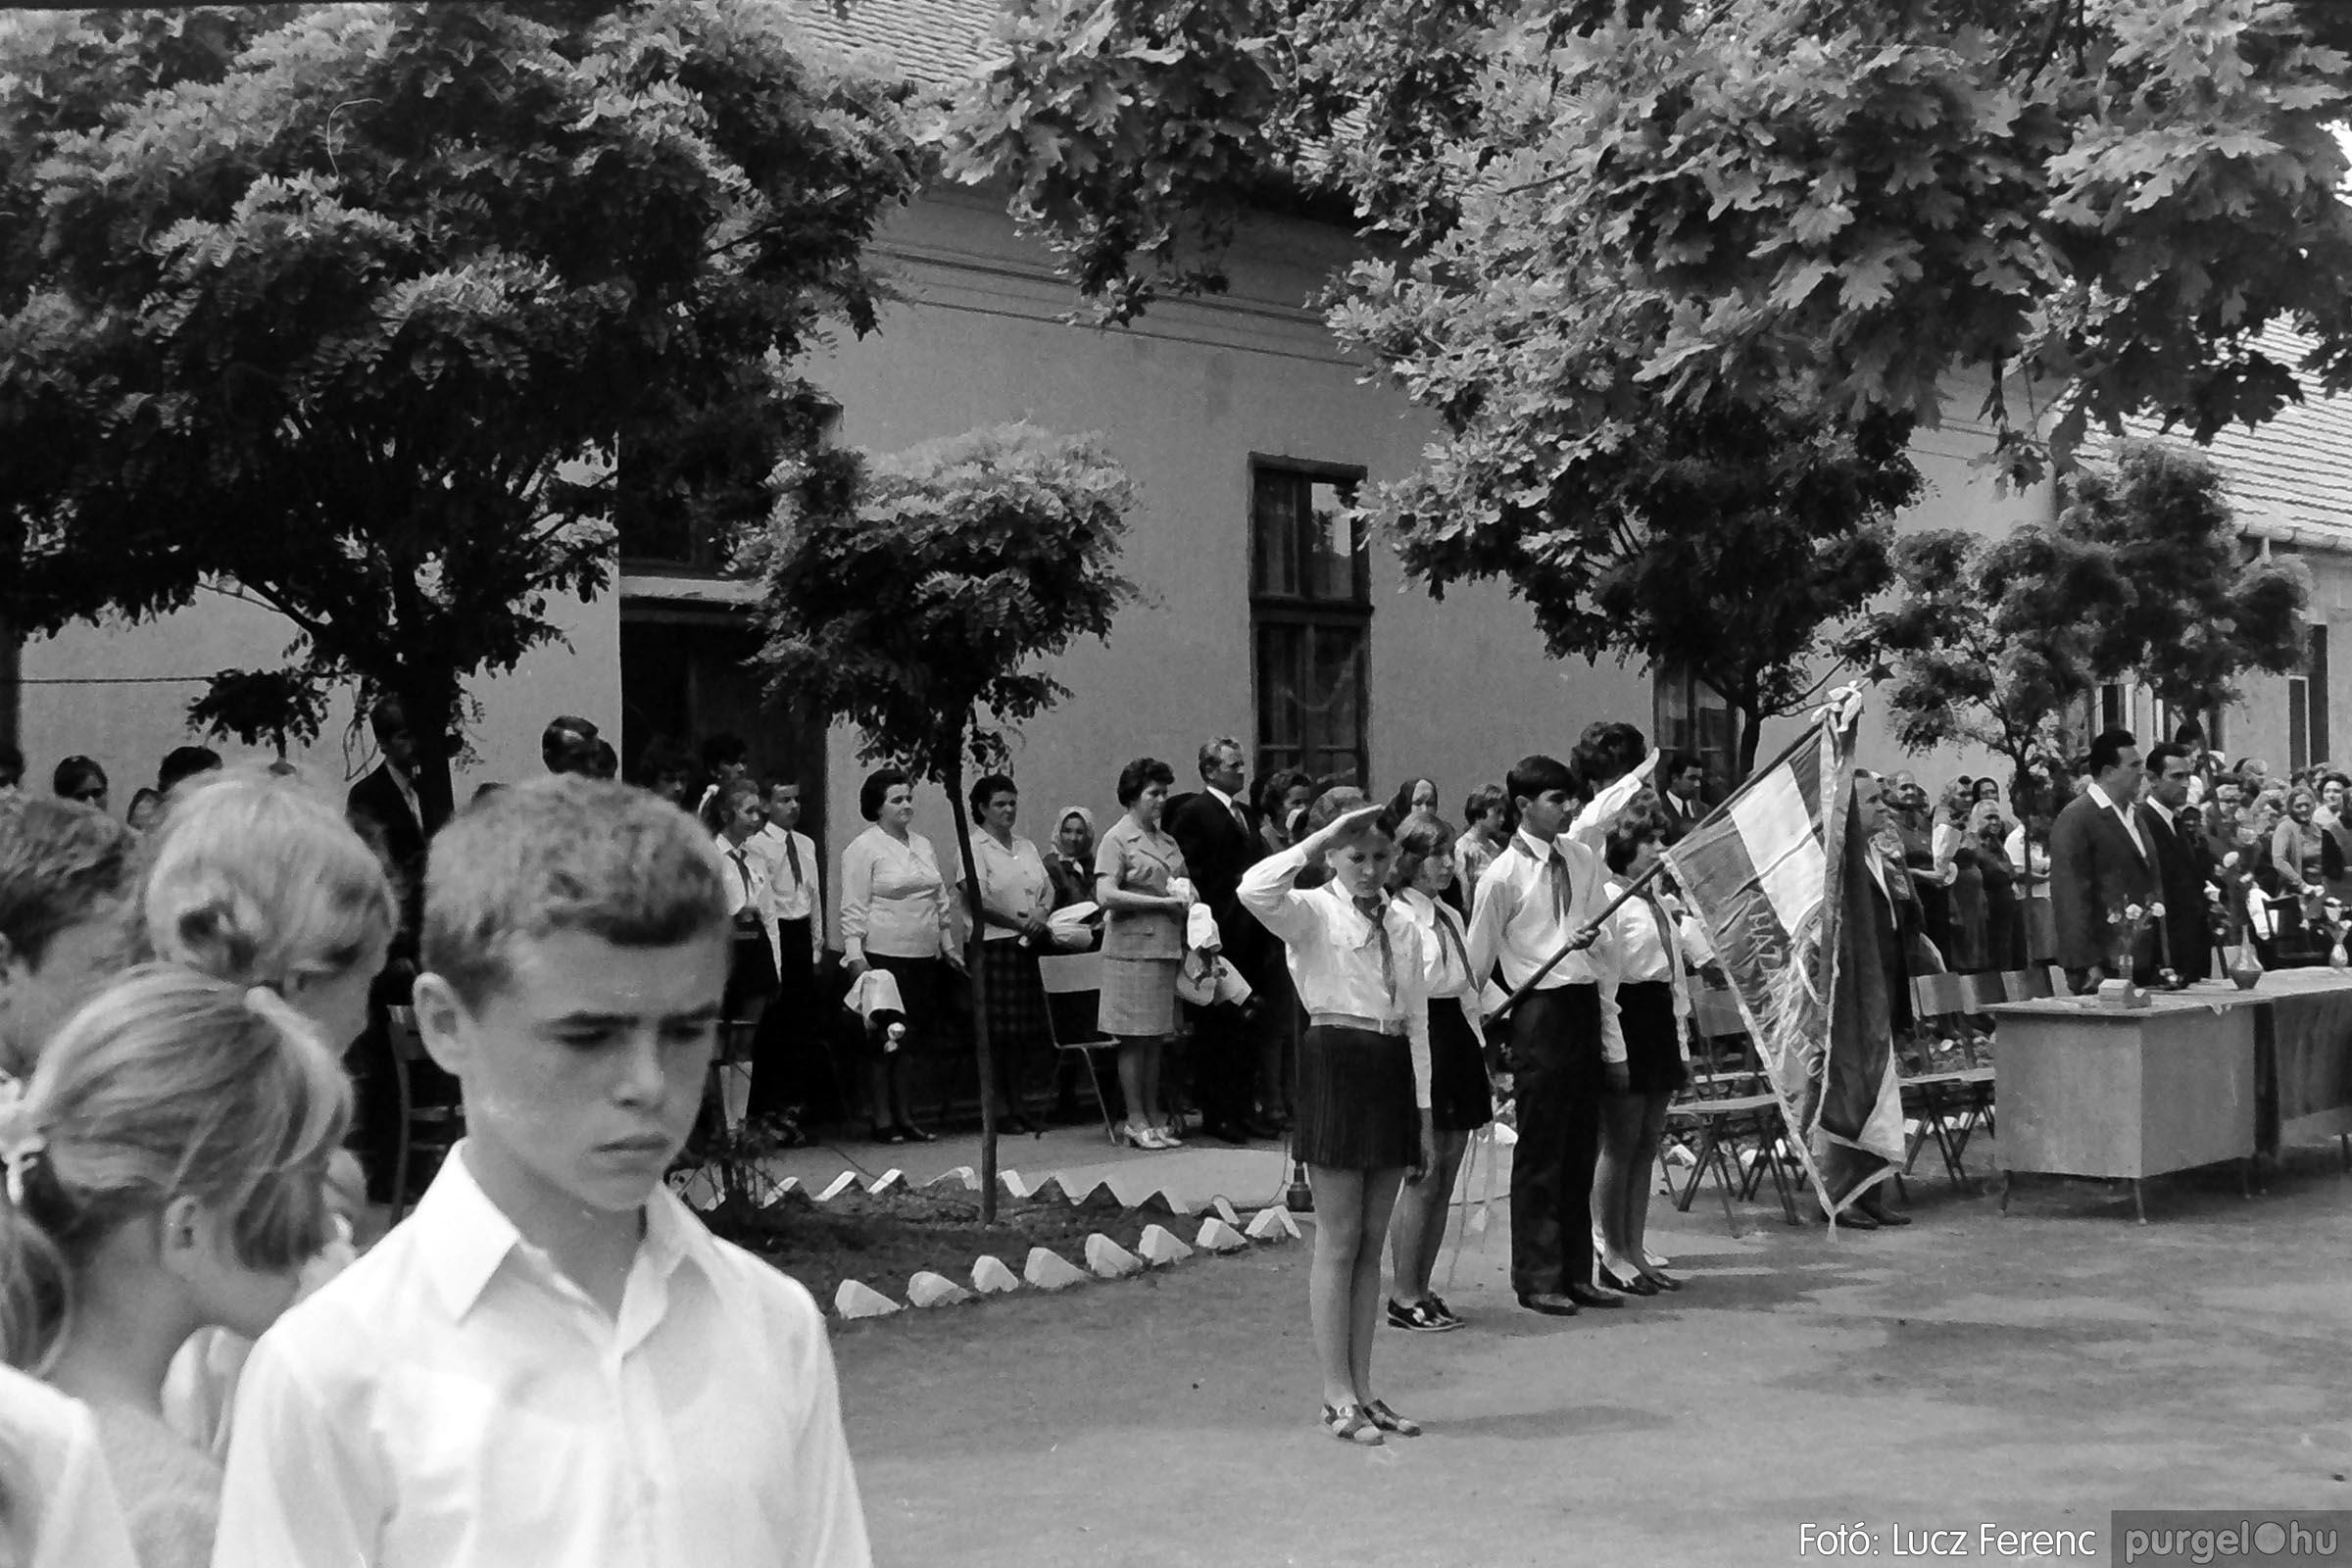 001 1972.05.27. Ballagás a szegvári iskolában 021 - Fotó: Lucz Ferenc - IMG01078q.jpg